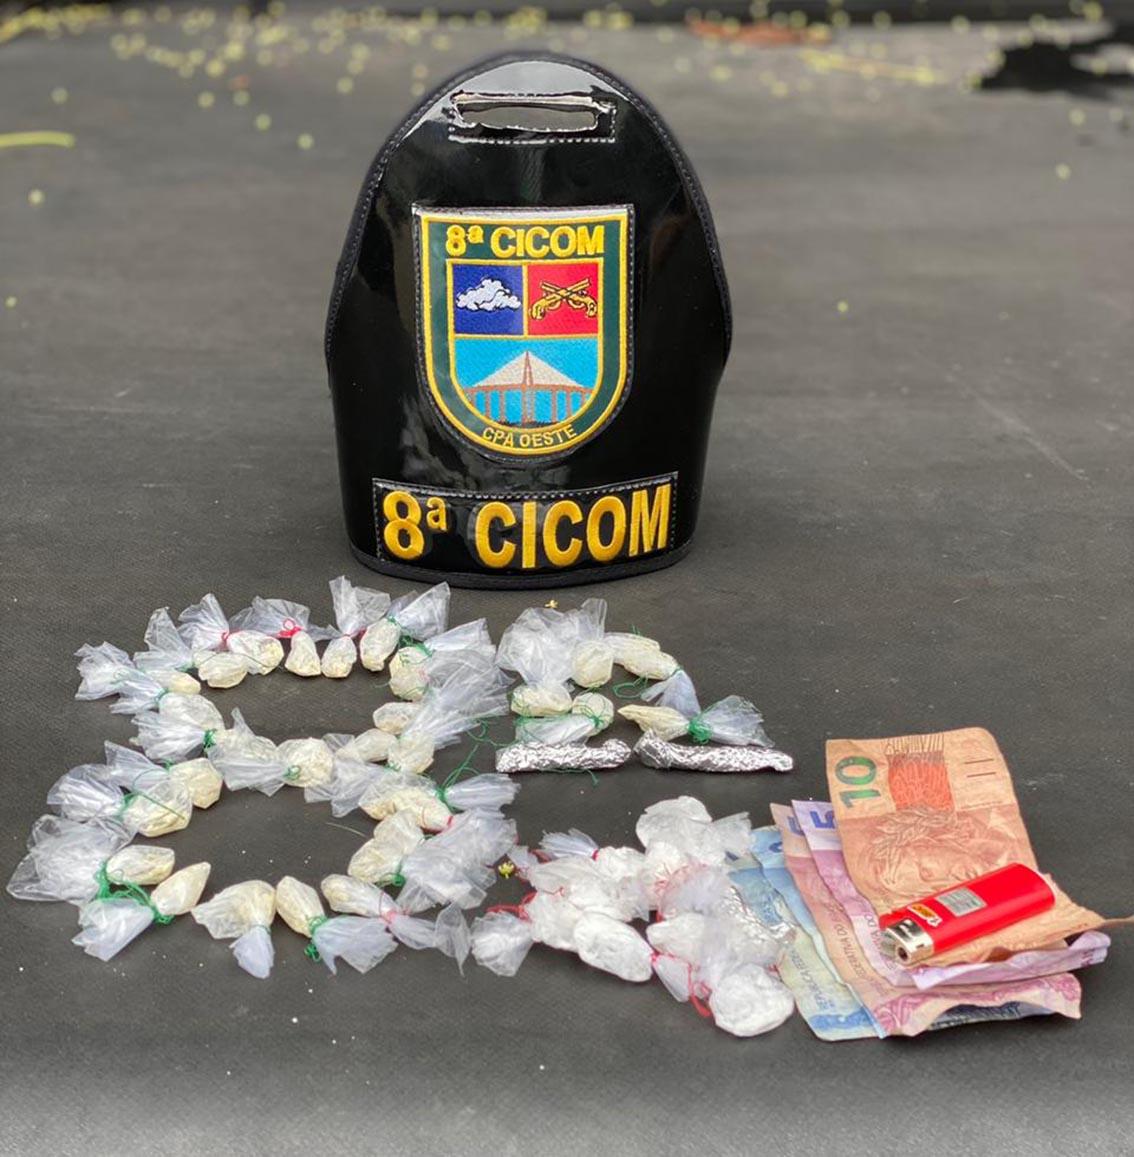 Policiais militares da 8ª Cicom detêm homens com drogas na Compensa 2